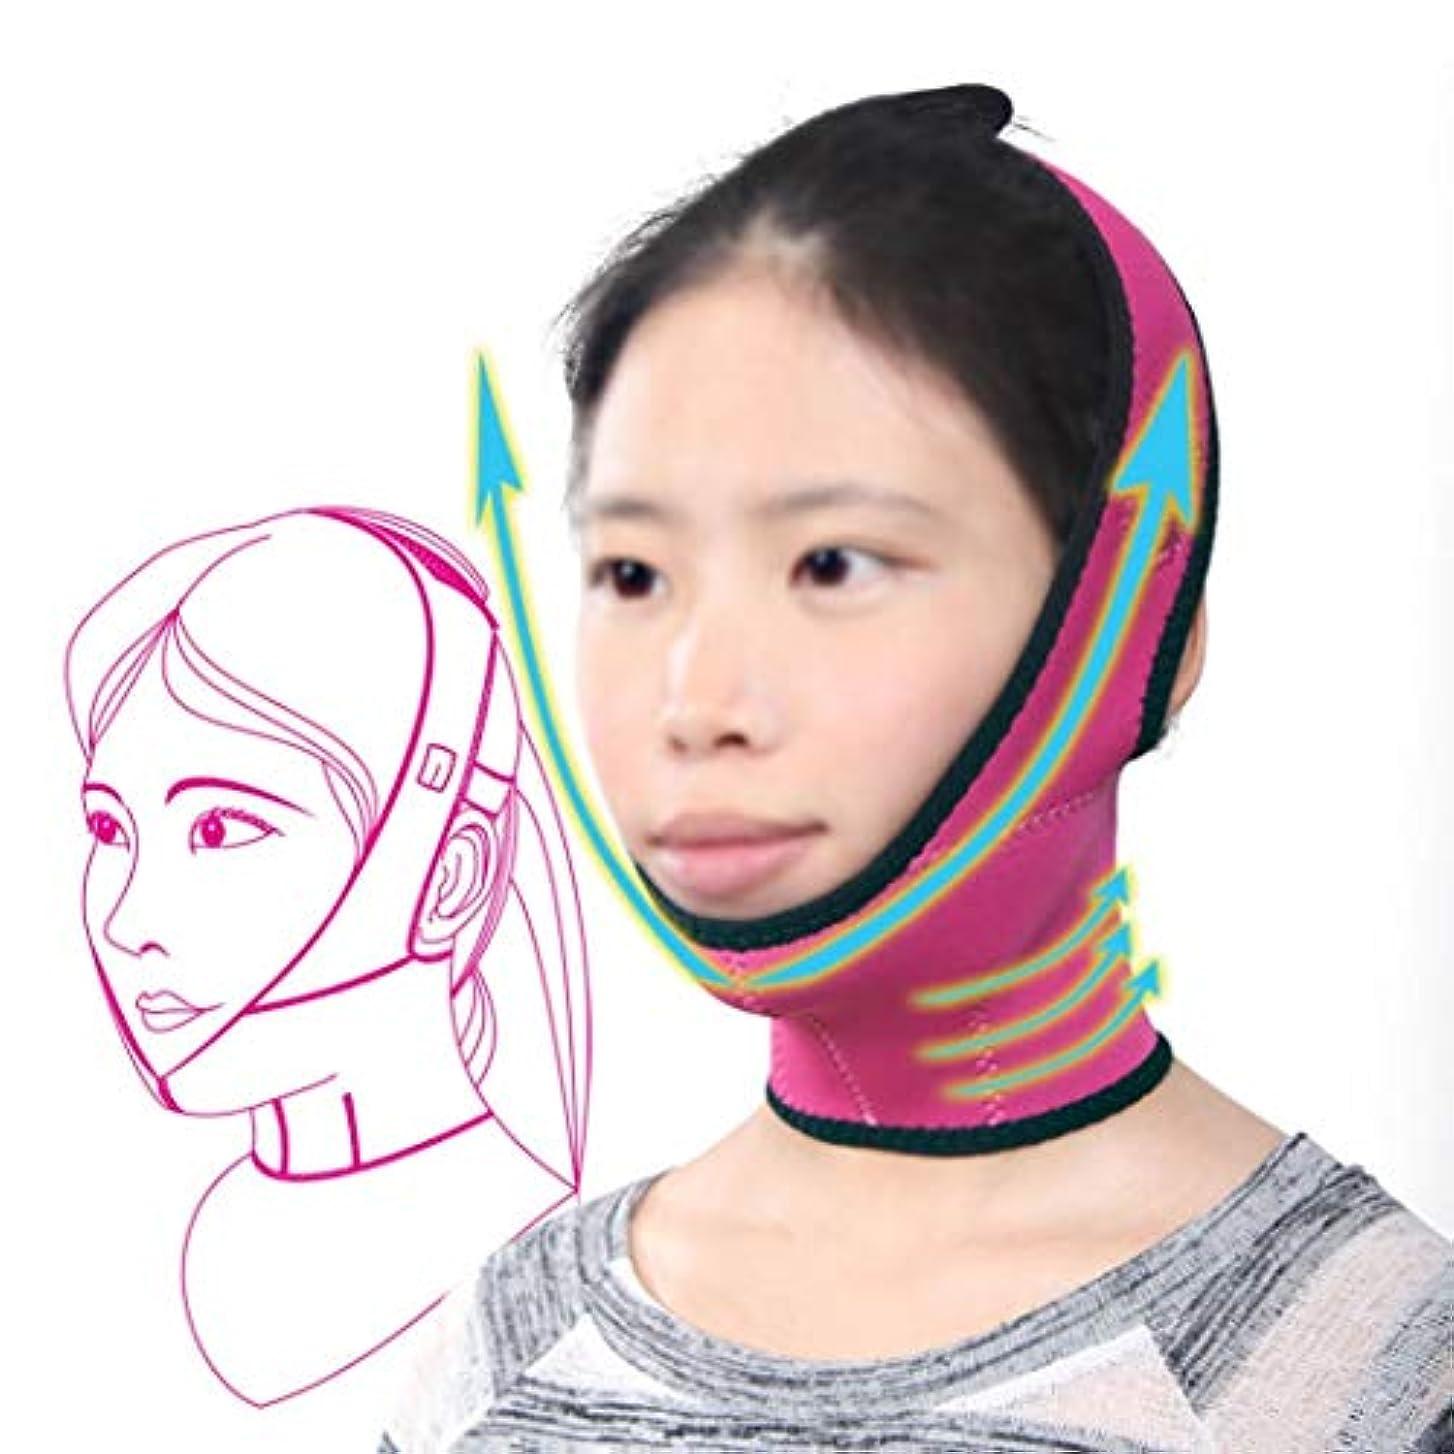 慣れるやりすぎ気づくなるフェイスリフトマスク、痩身ベルトフェイスマスク強力なリフティング小さなV顔薄い顔包帯美容フェイスリフティング顔小さな顔薄い顔マスク